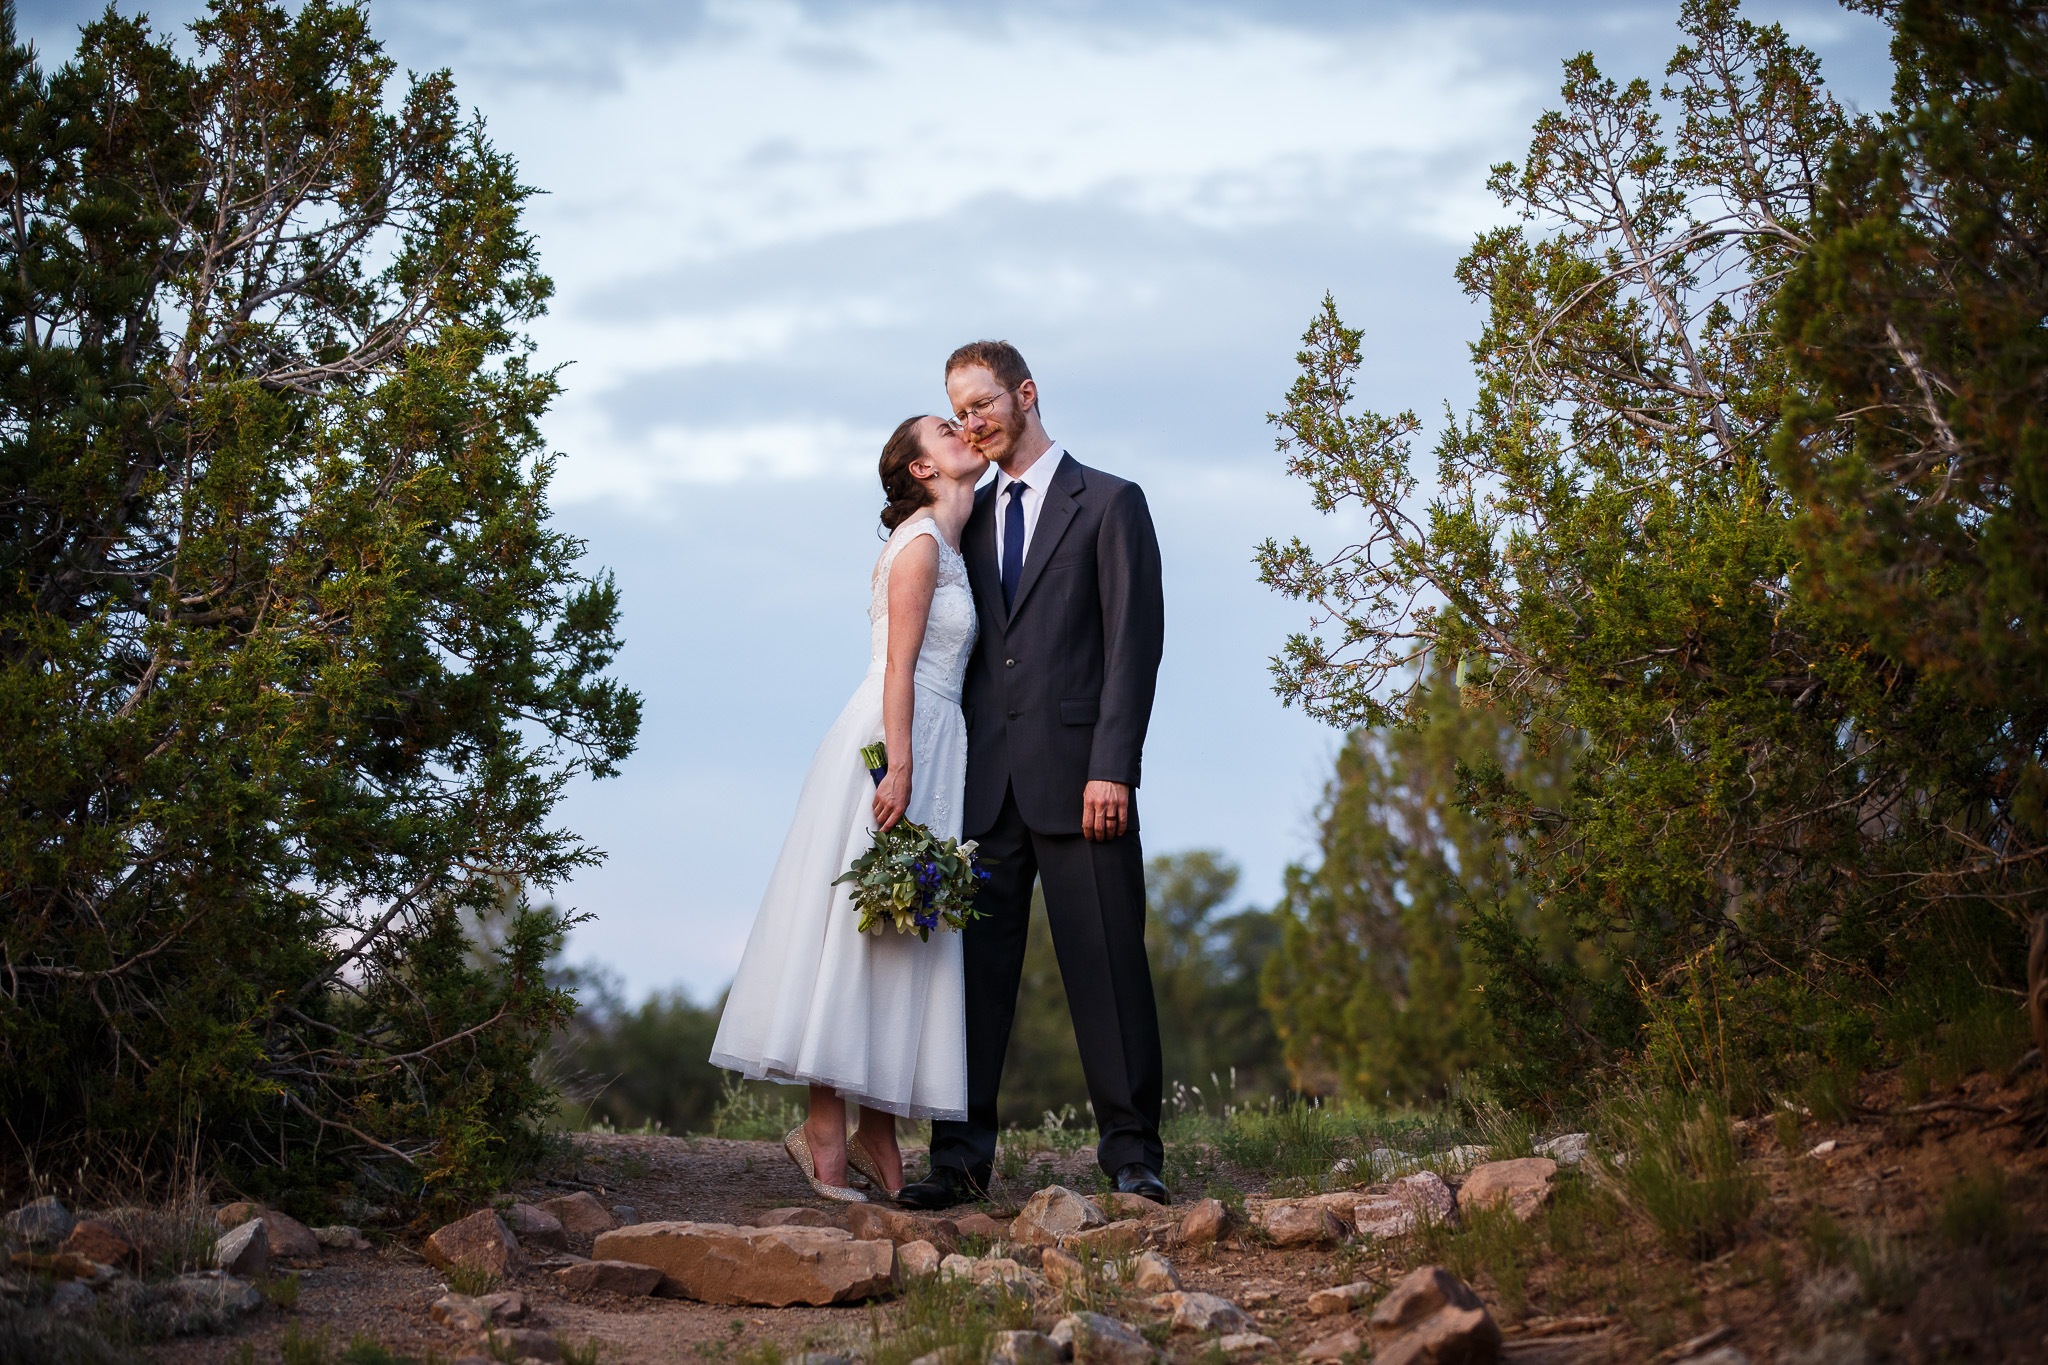 wedding-albuquerque-tijeras-ywca-pinon-canyon-center-0571.jpg